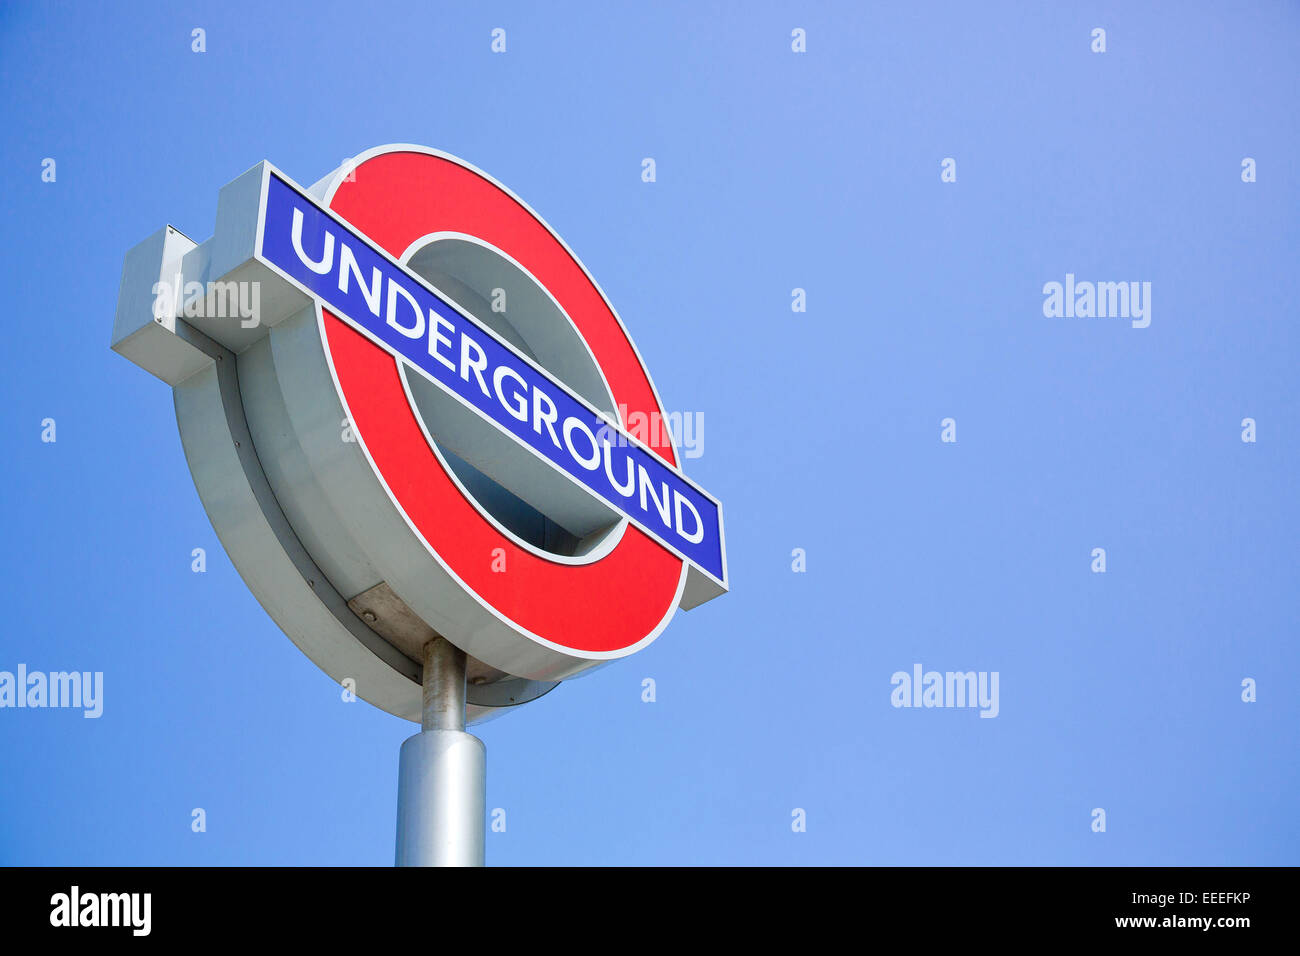 Londoner U-Bahn-Logo-Zeichen vor einem blauen Himmel Stockbild